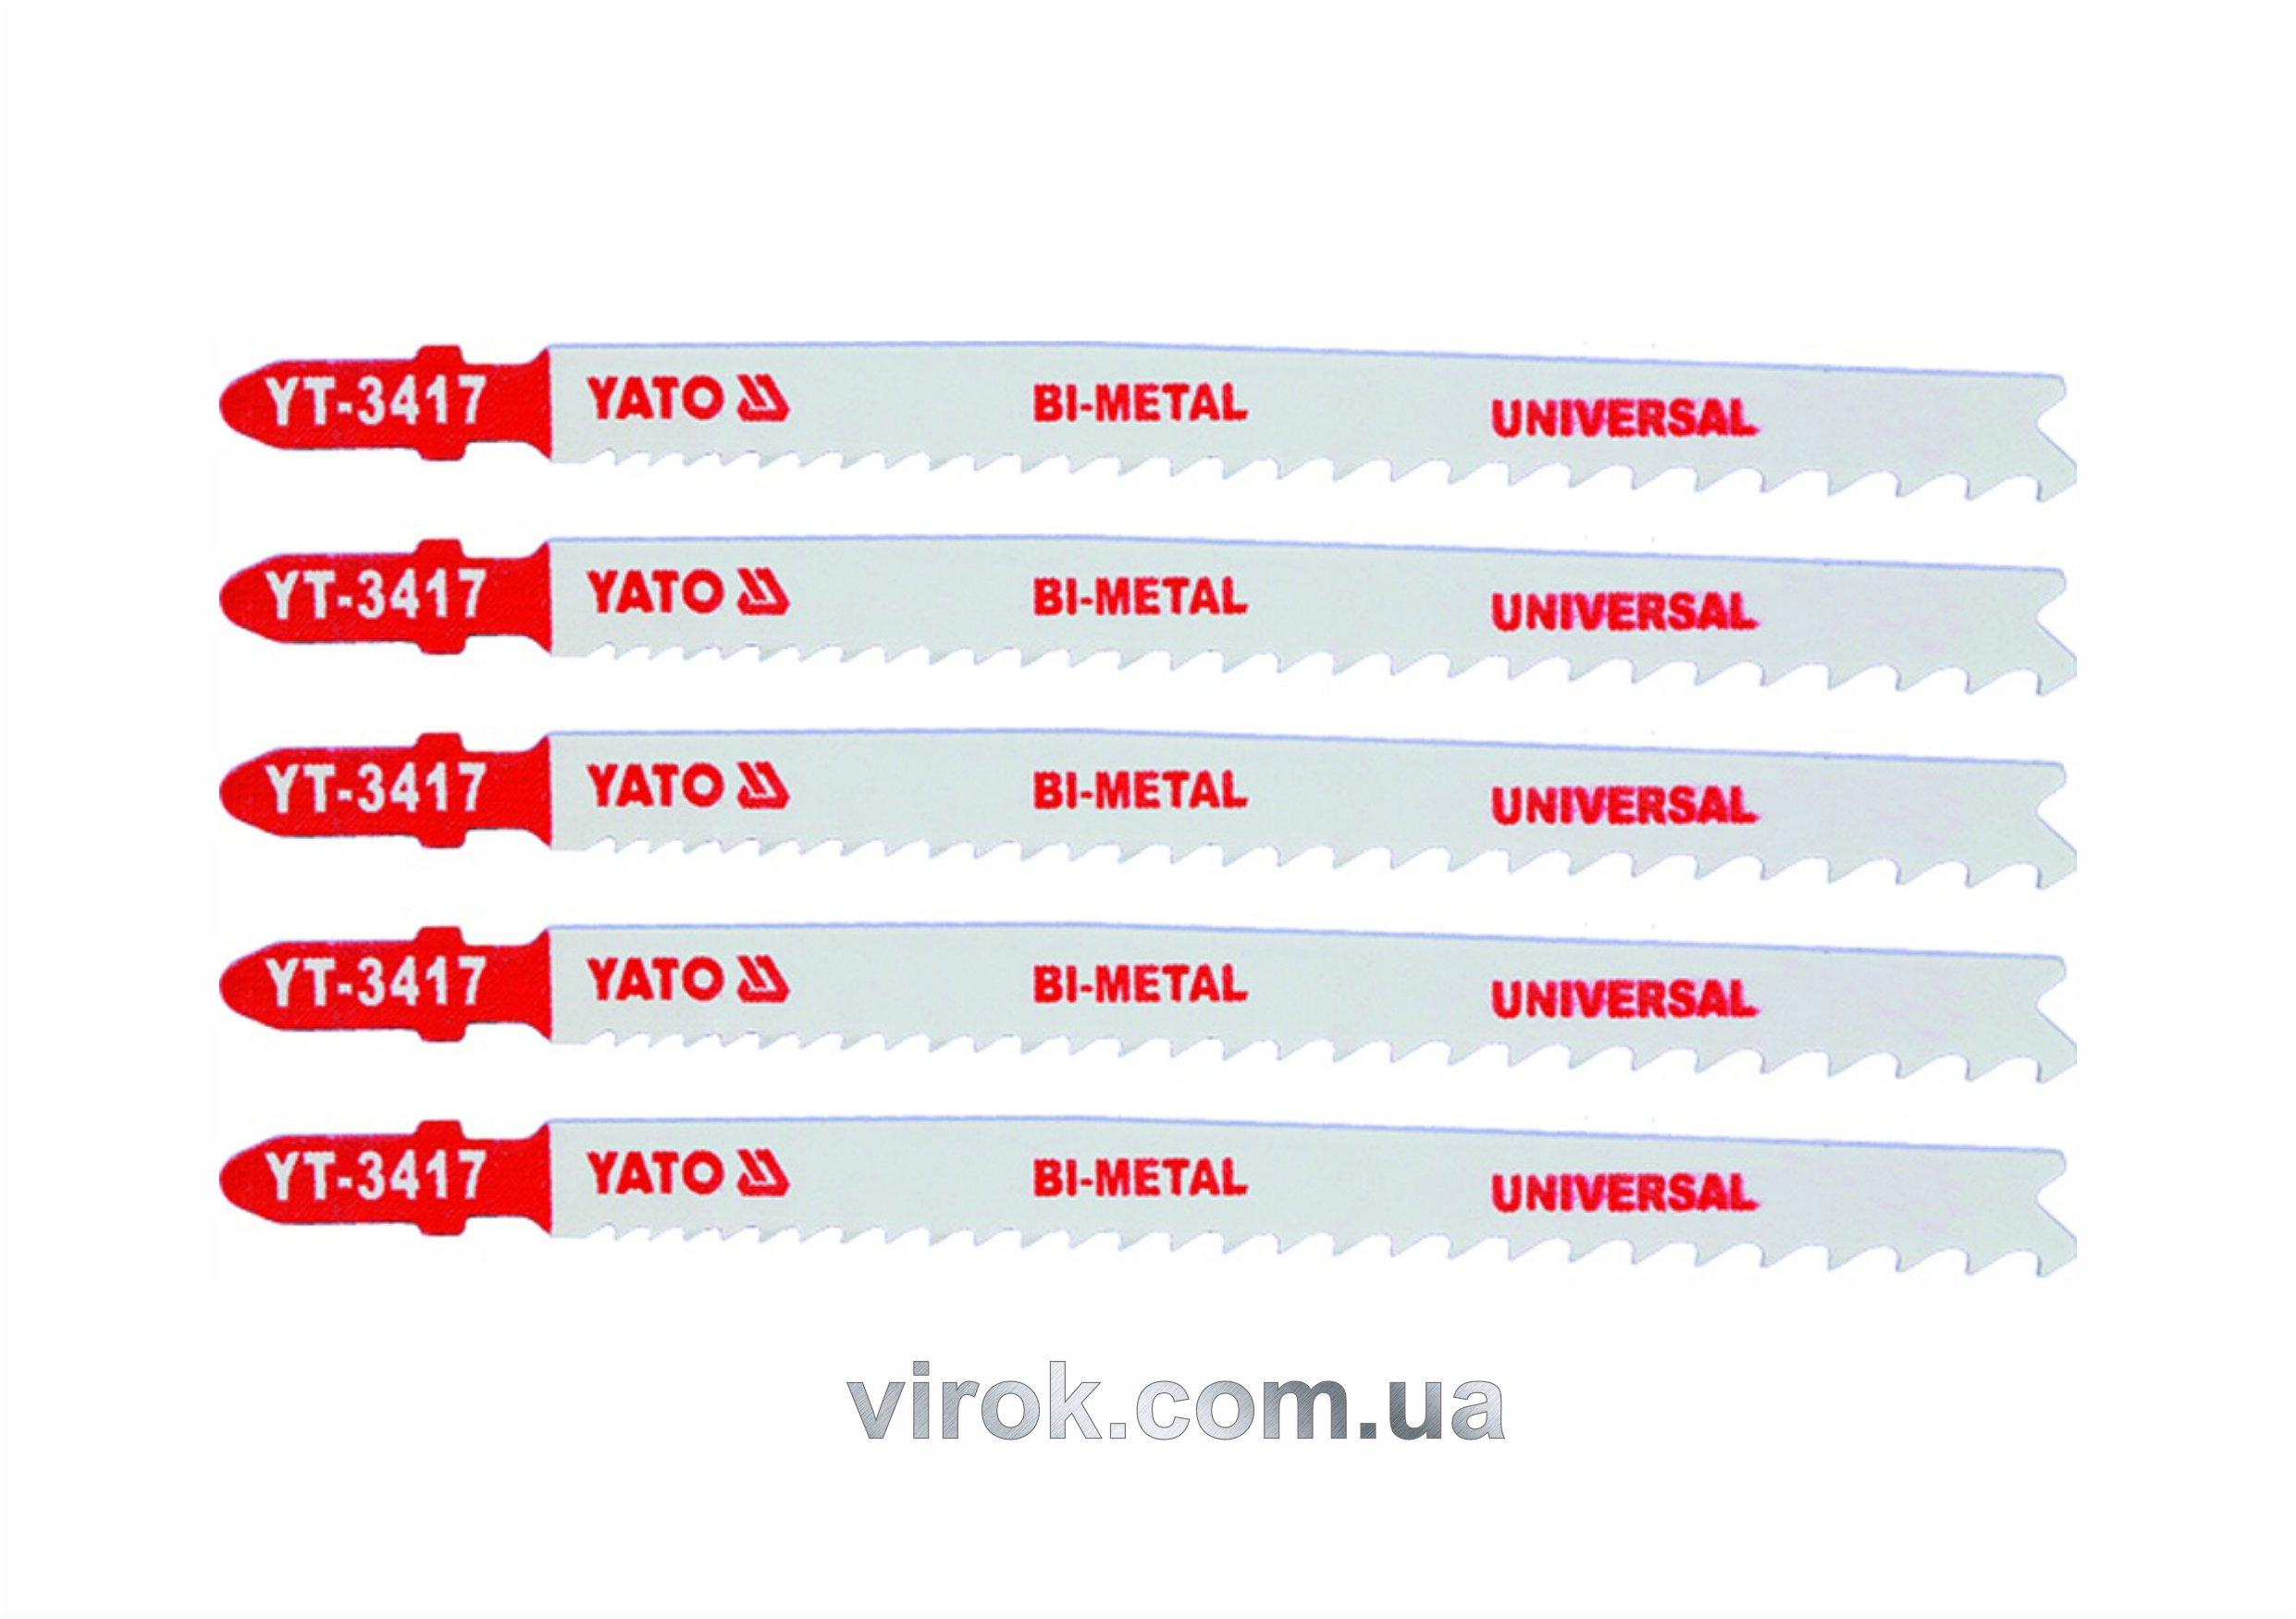 Пильное полотно для электролобзика (универсальное) YATO Bi-Metal 10-5TPI 130 мм 5 шт